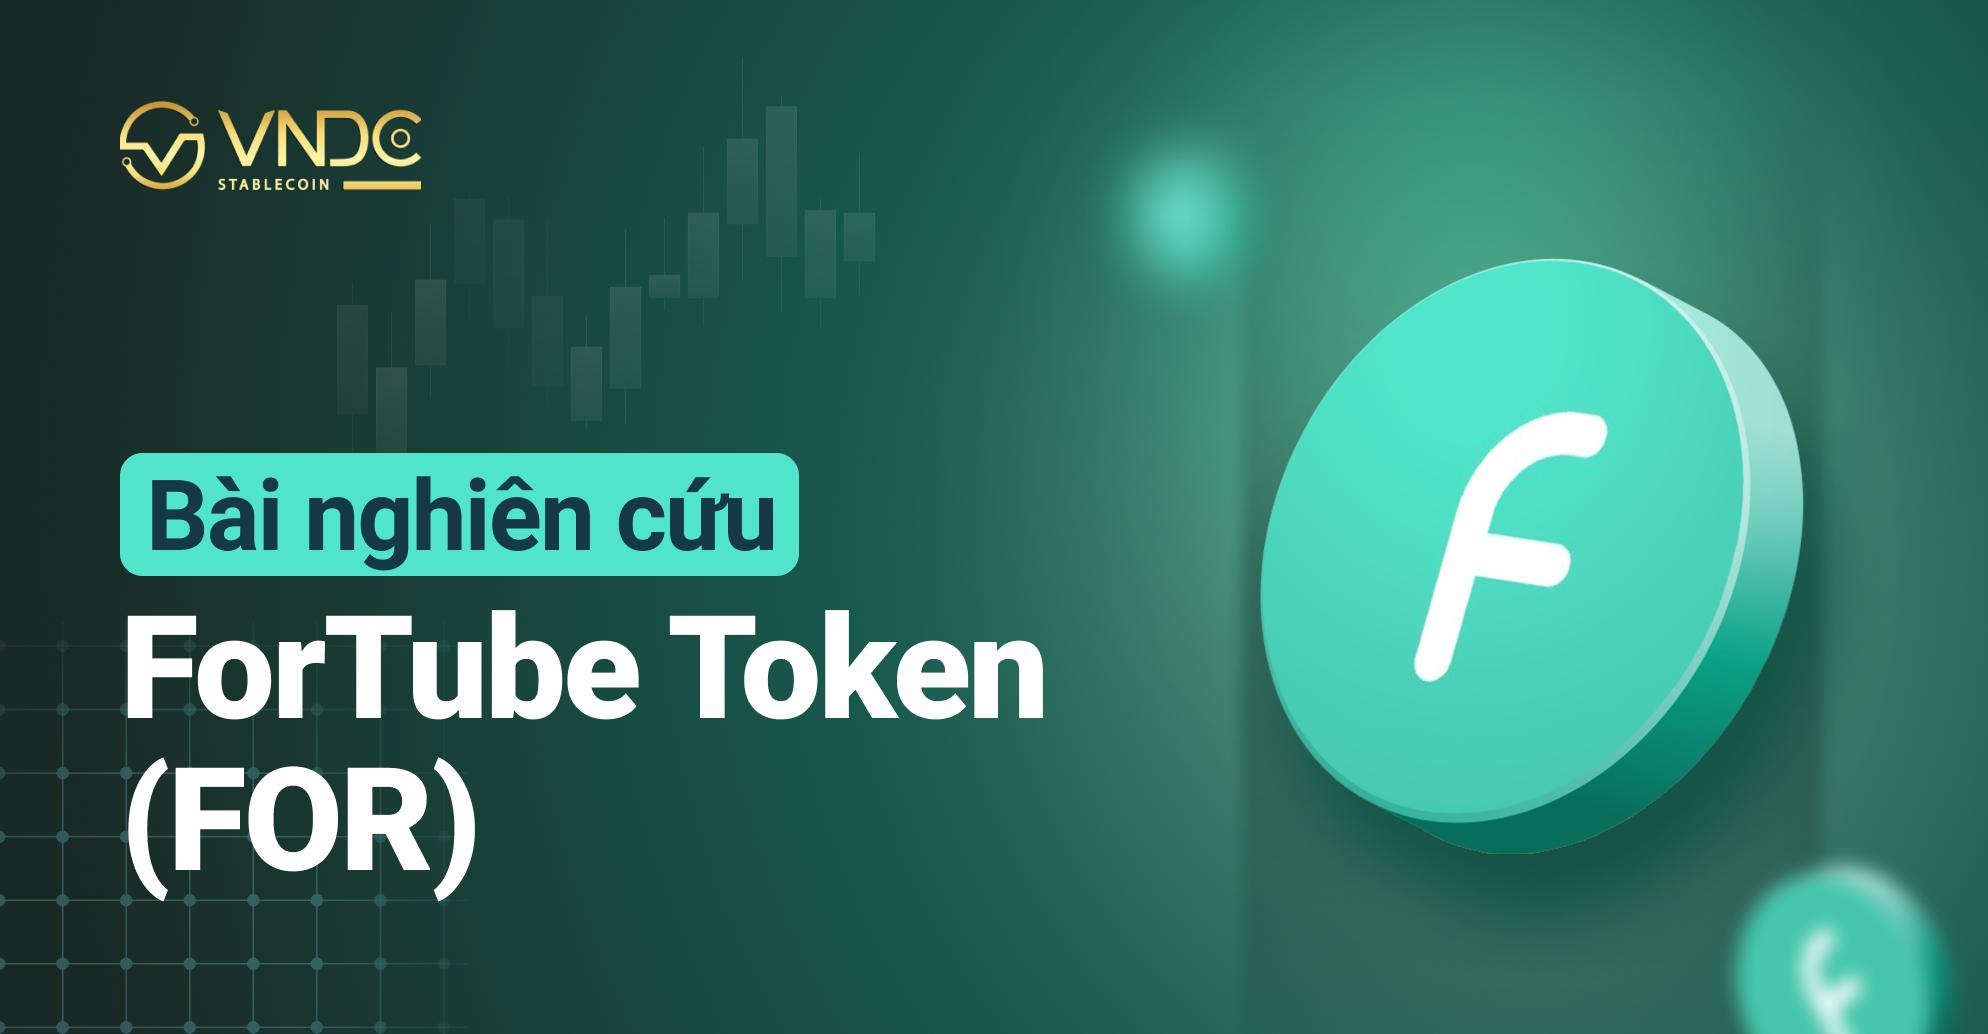 Bài nghiên cứu về ForTube Token (FOR)